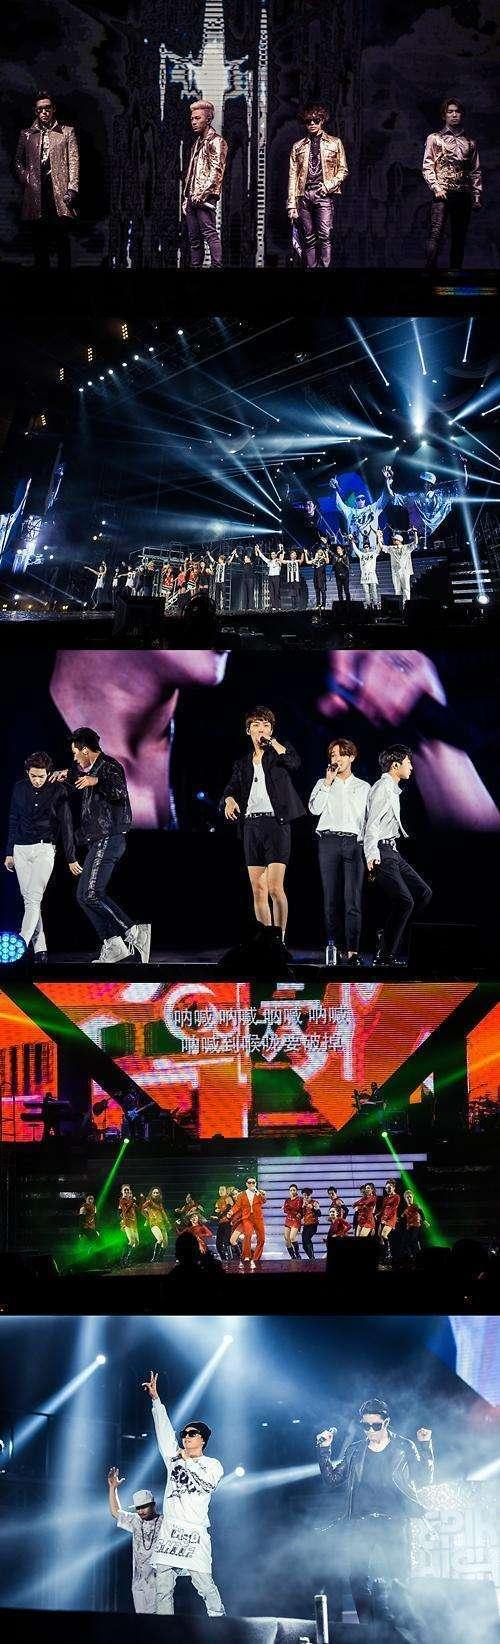 """韩国YG家族在北京开唱 """"鸟叔""""中文歌引观众合唱"""